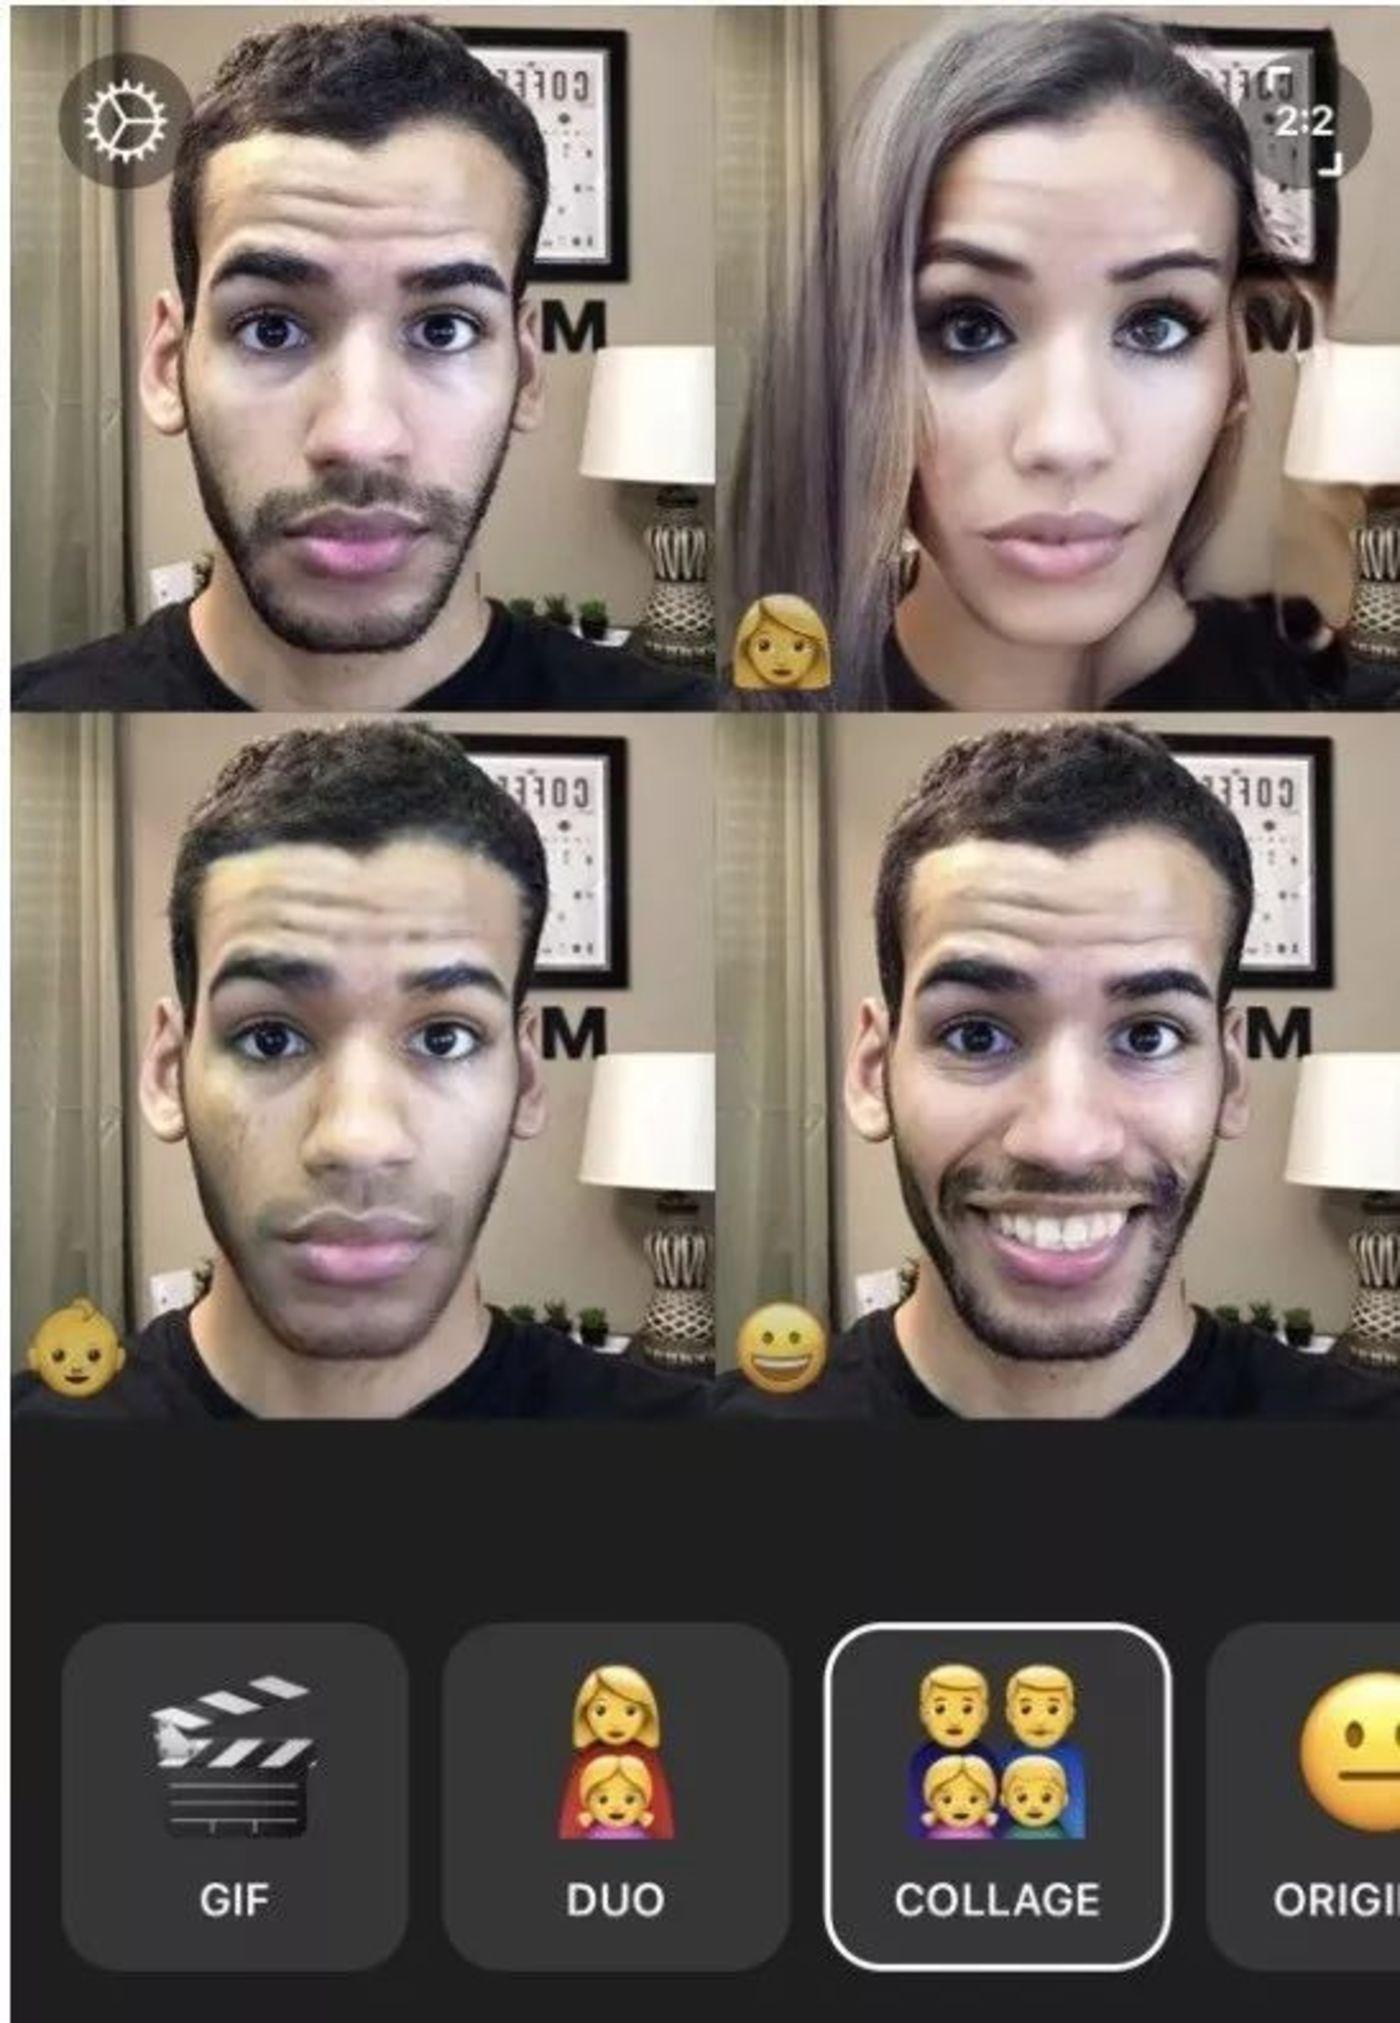 换脸神器!这个爆红欧美的FaceApp是怎么做到让你一键变老的?